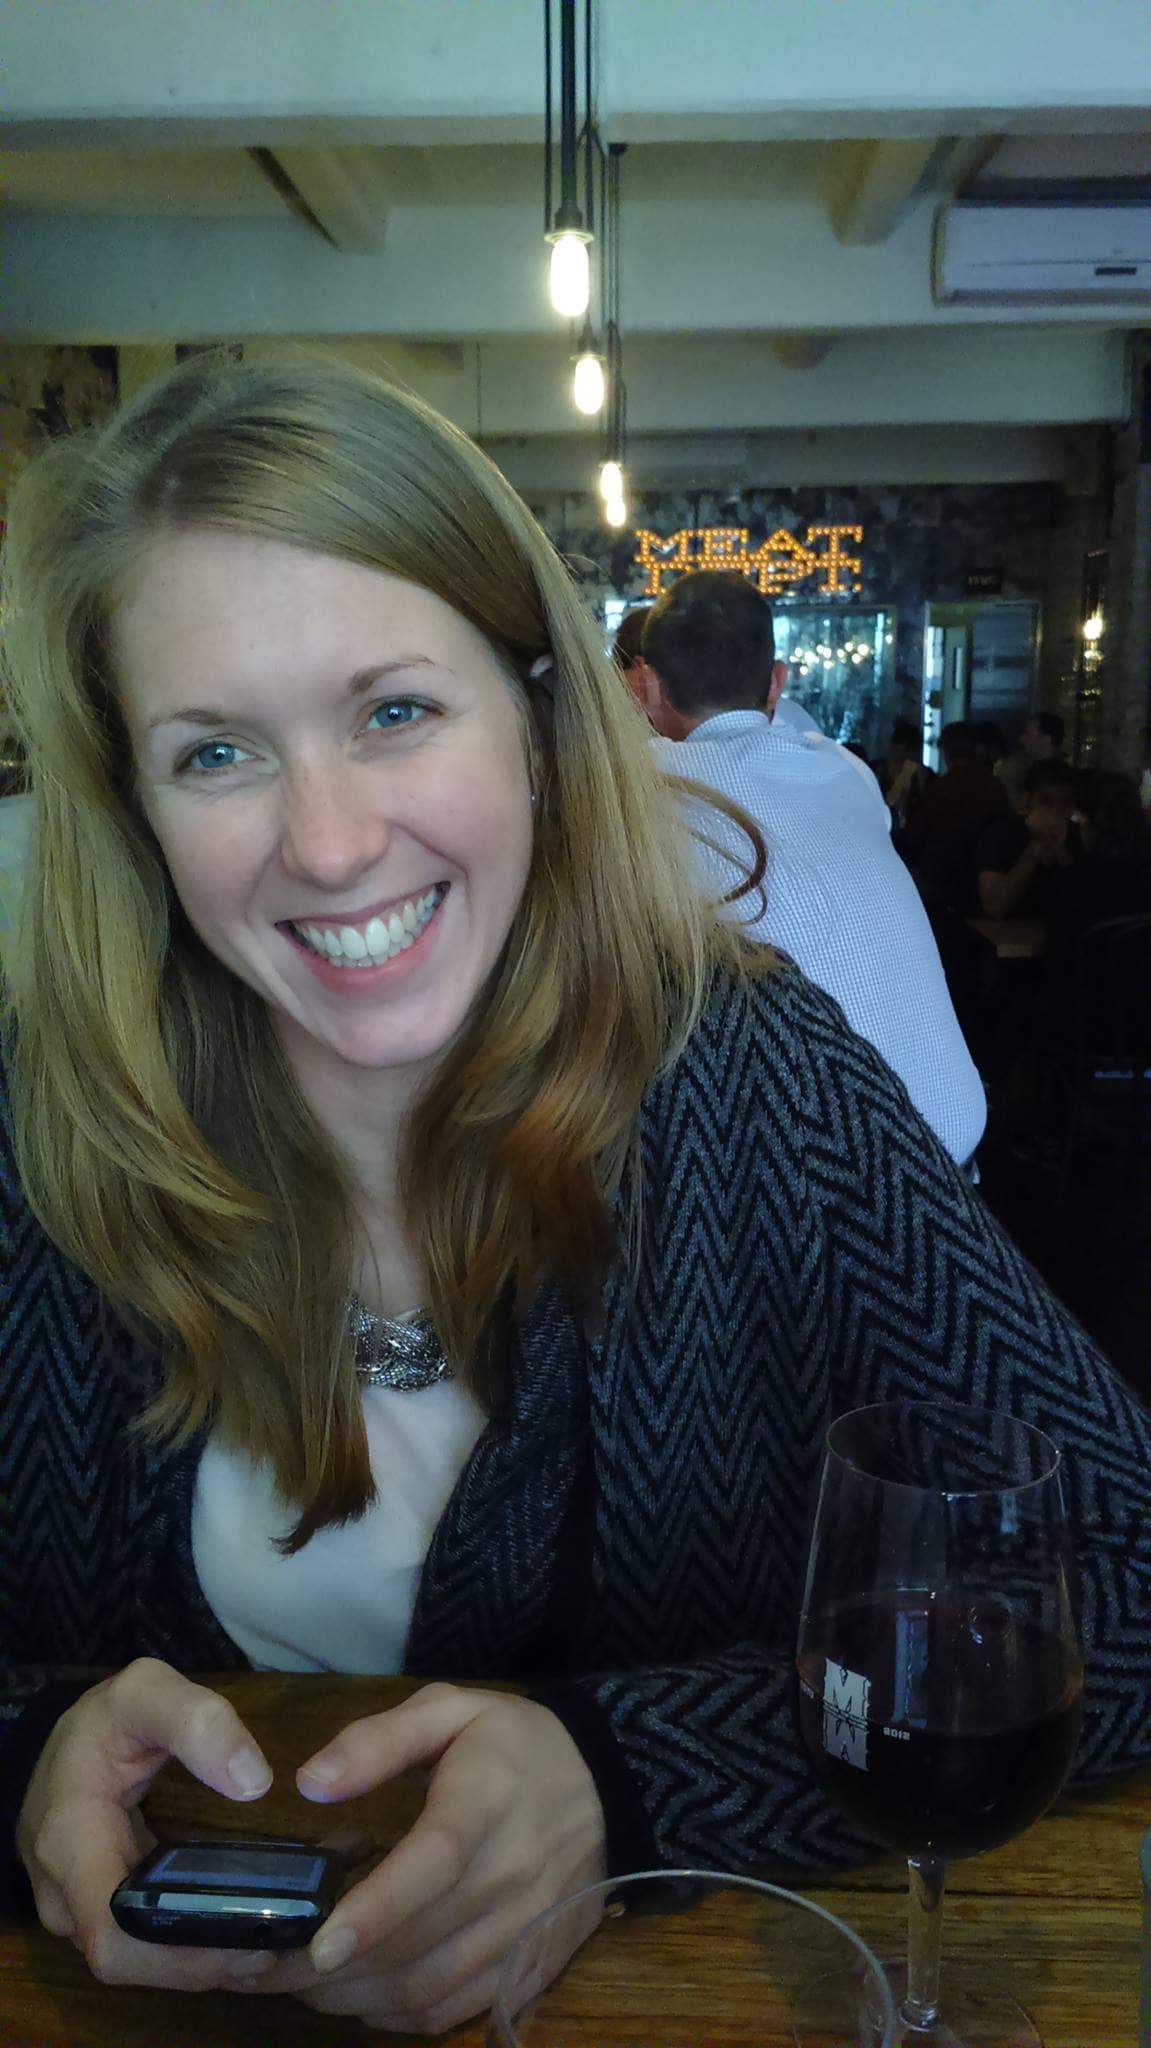 Leah from Kensington